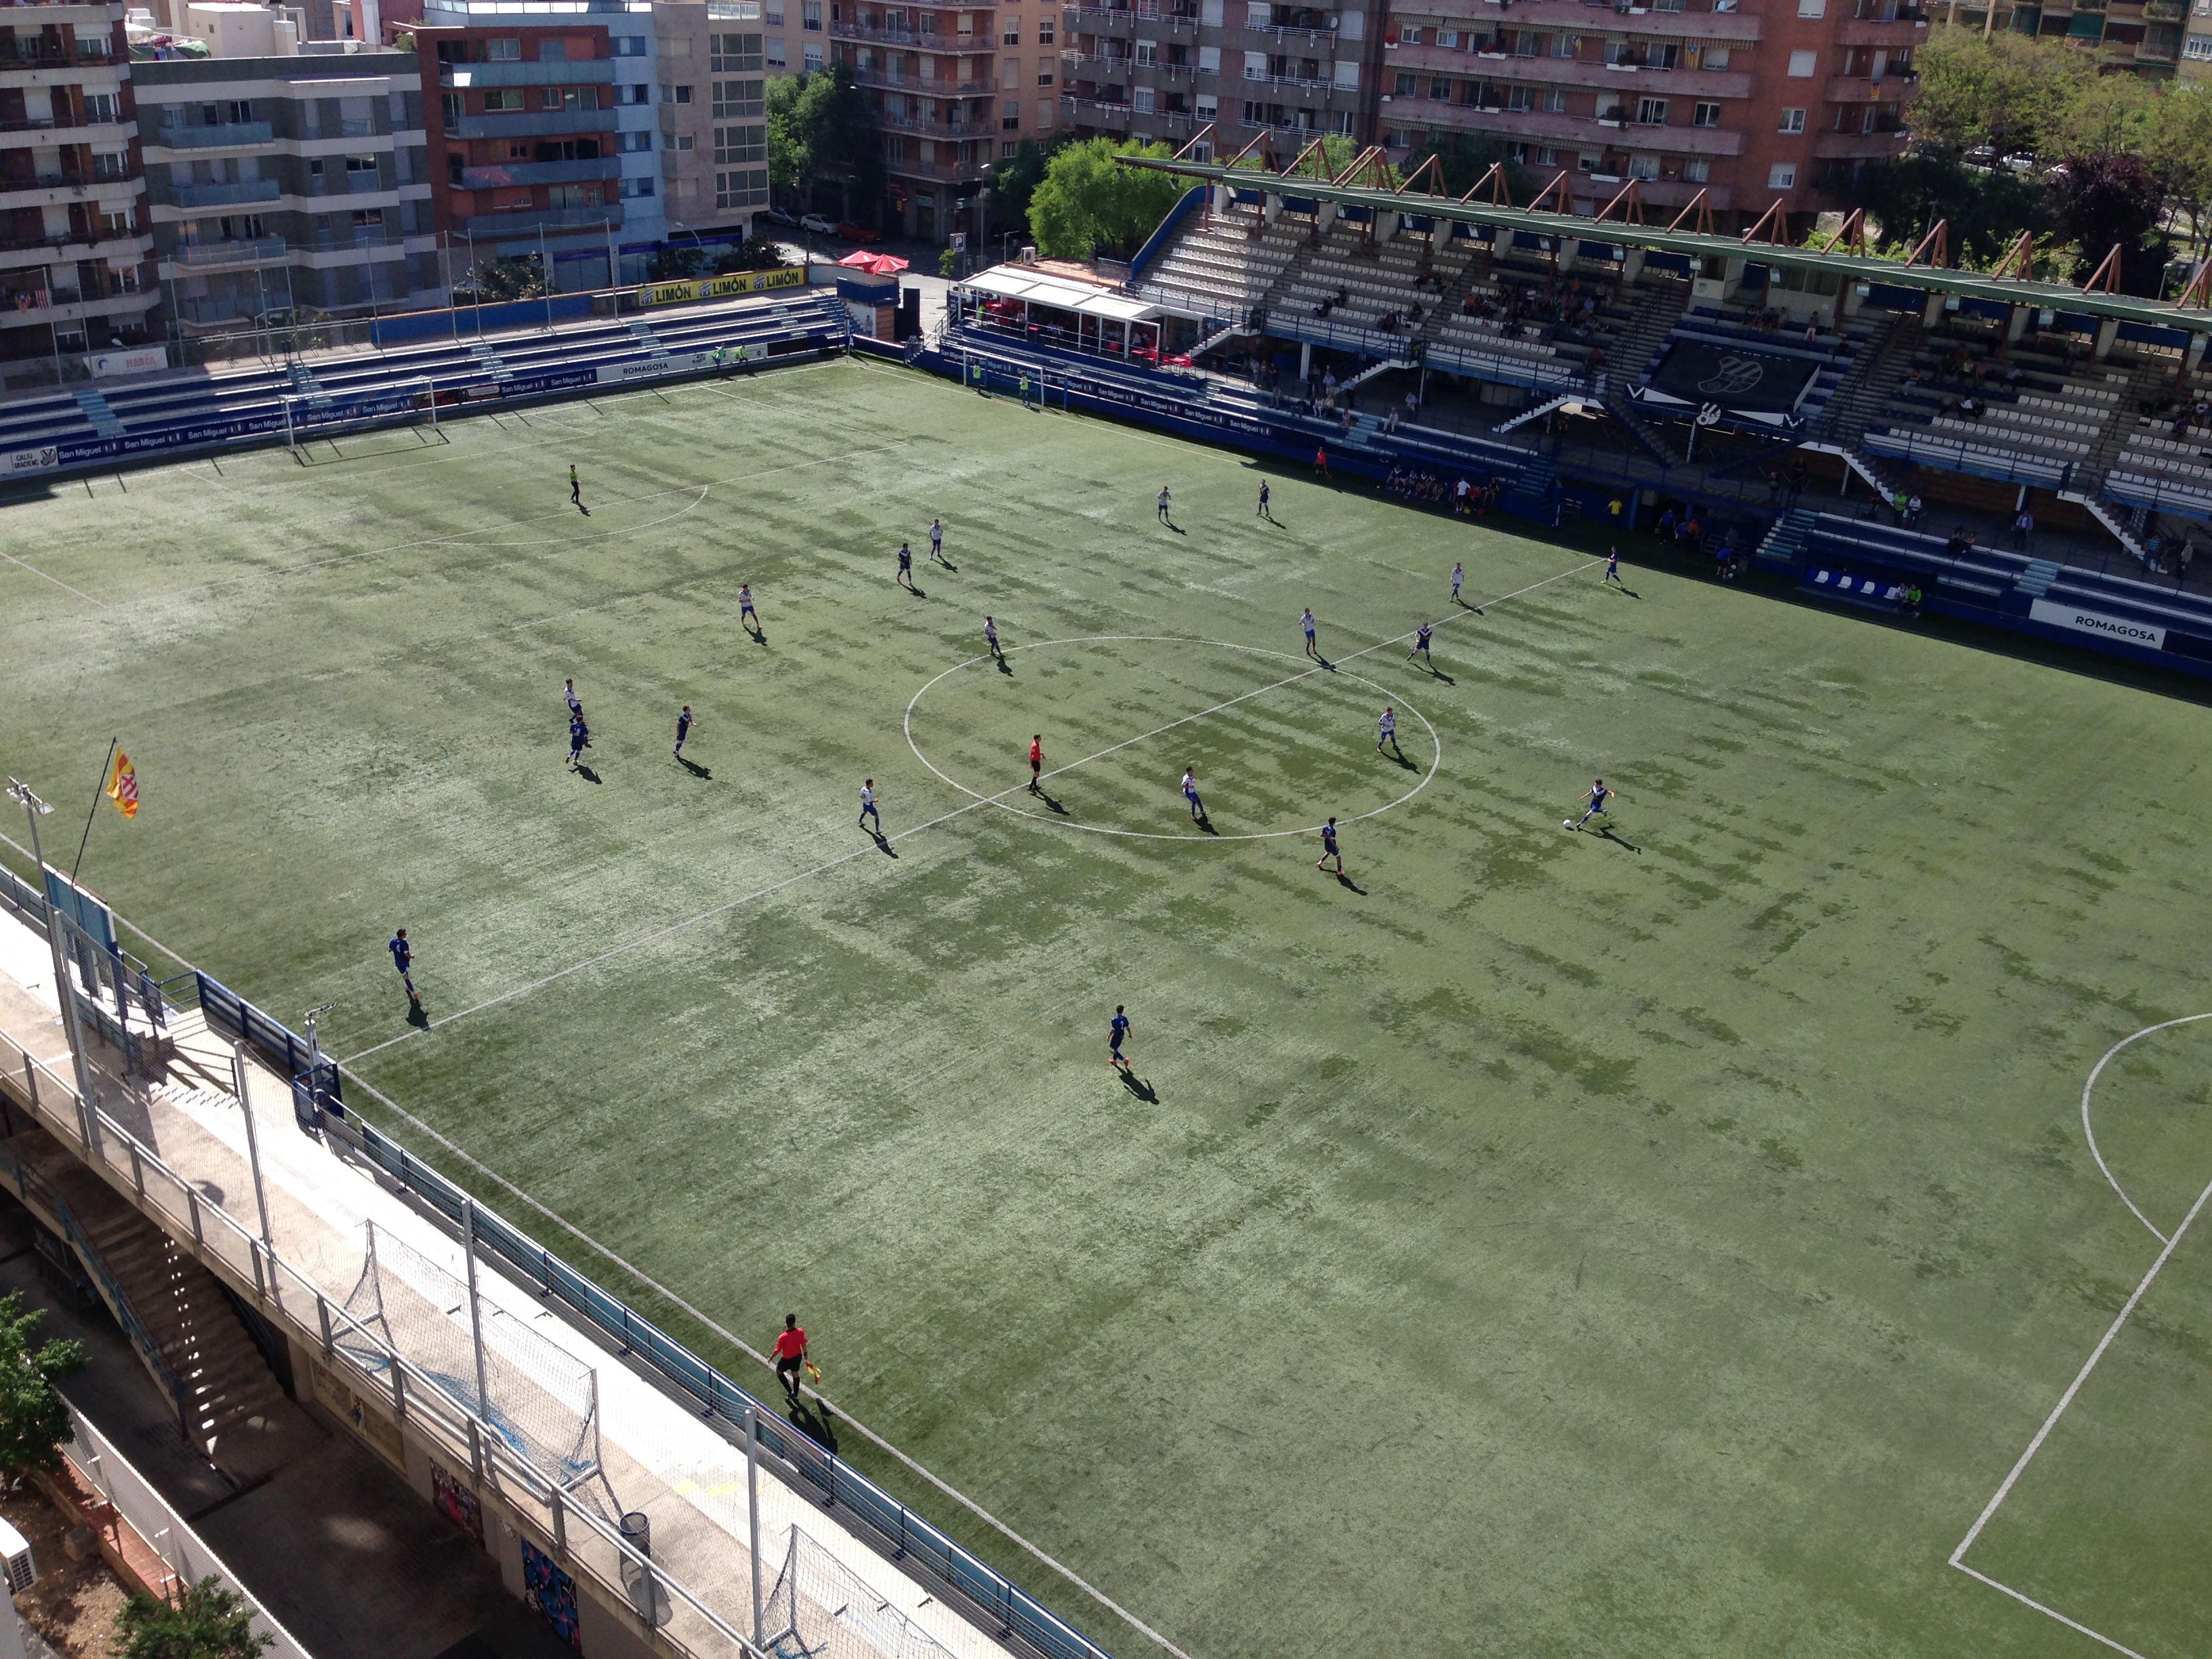 劣悪なサッカー環境。日々現場に立つと感じるもの